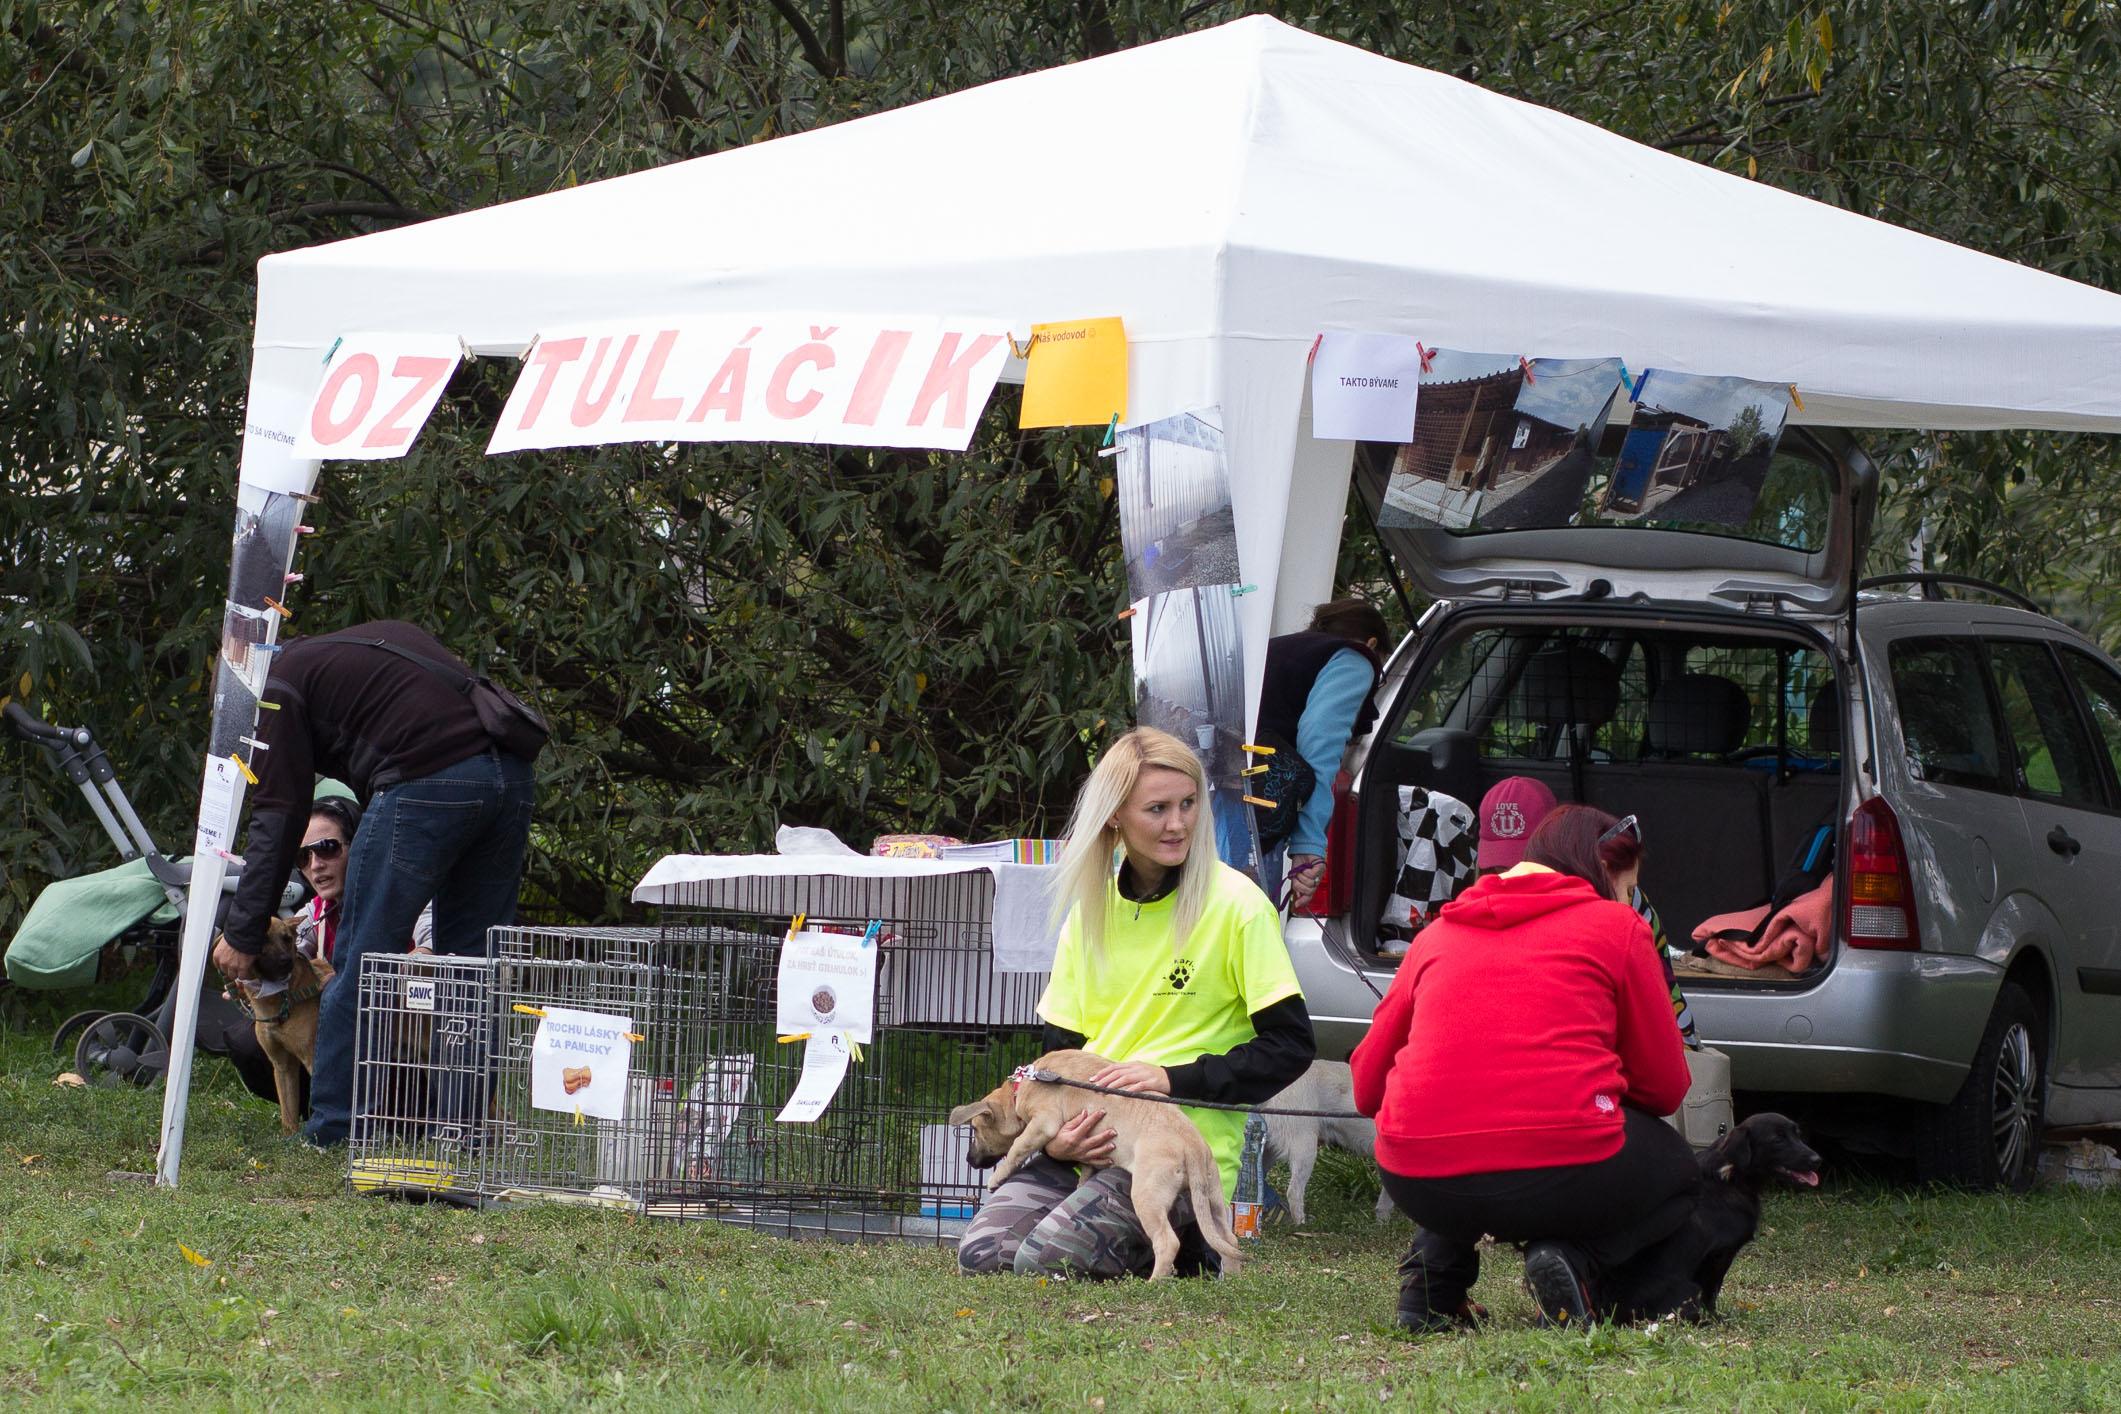 den-s-utulkacom-2013-zvolen-5